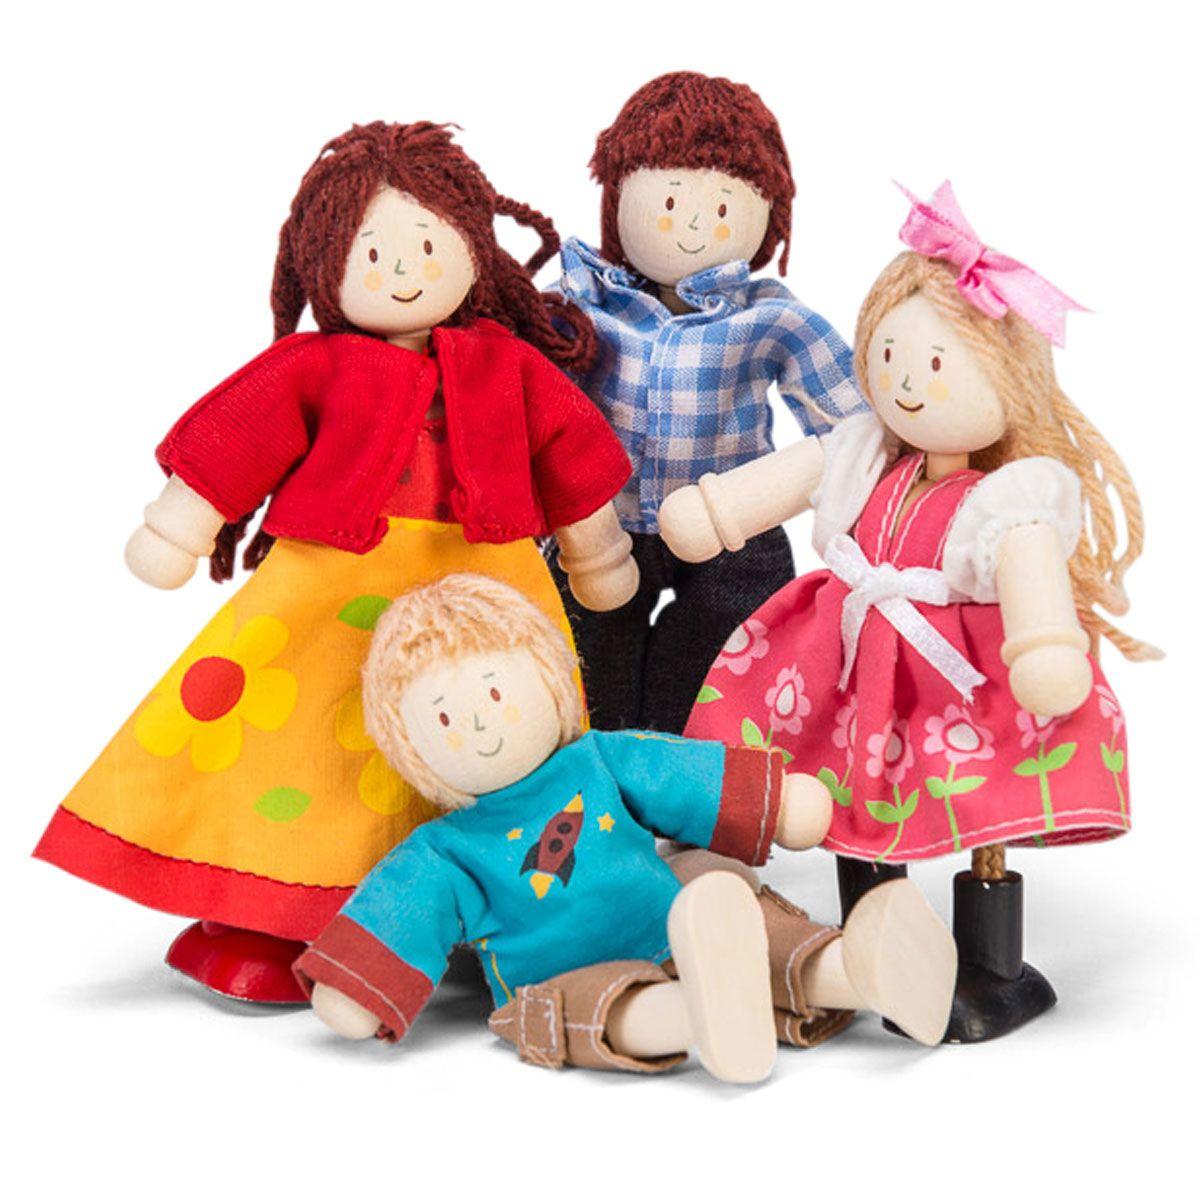 Lėlių šeima LE TOY VAN Dollhouses vaikams nuo 3 metų (P051)